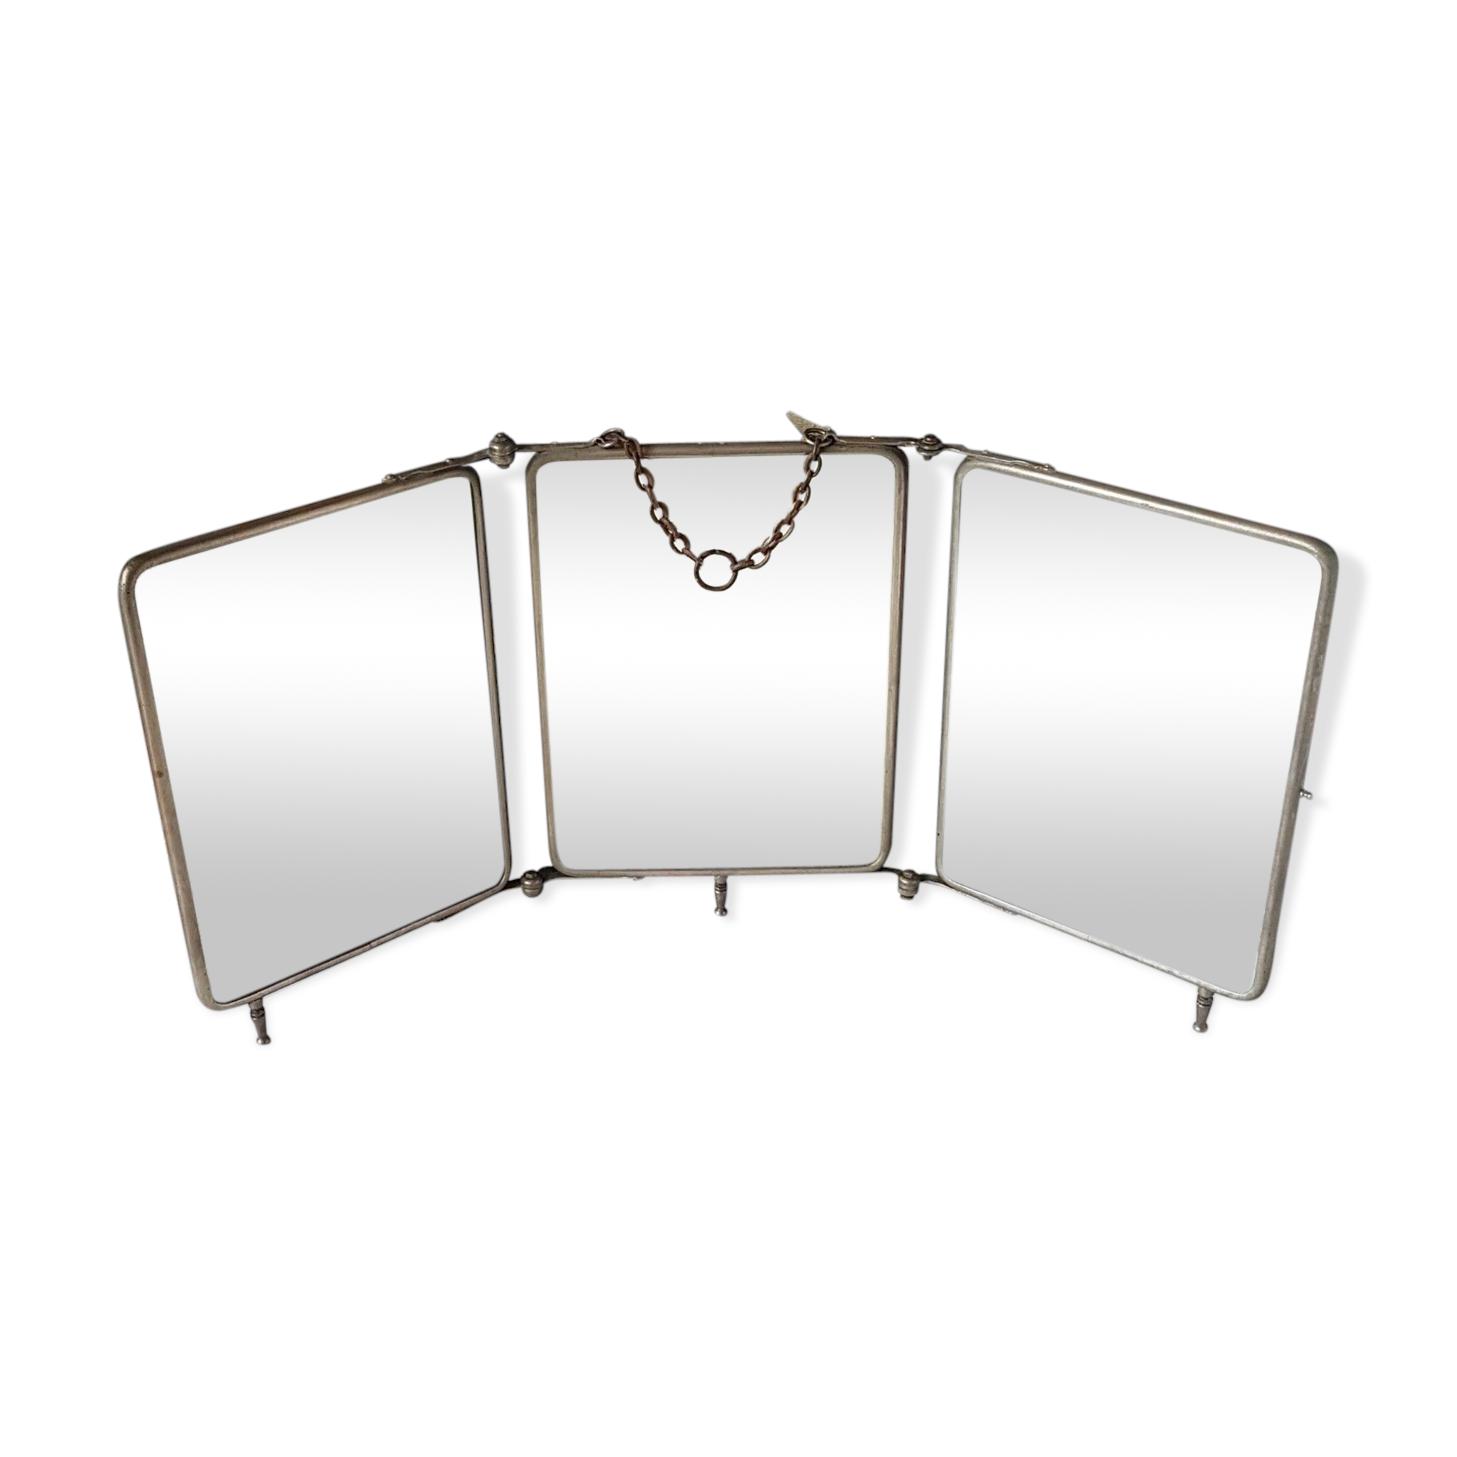 Miroir triptyque des années 40 59 X 25 cm